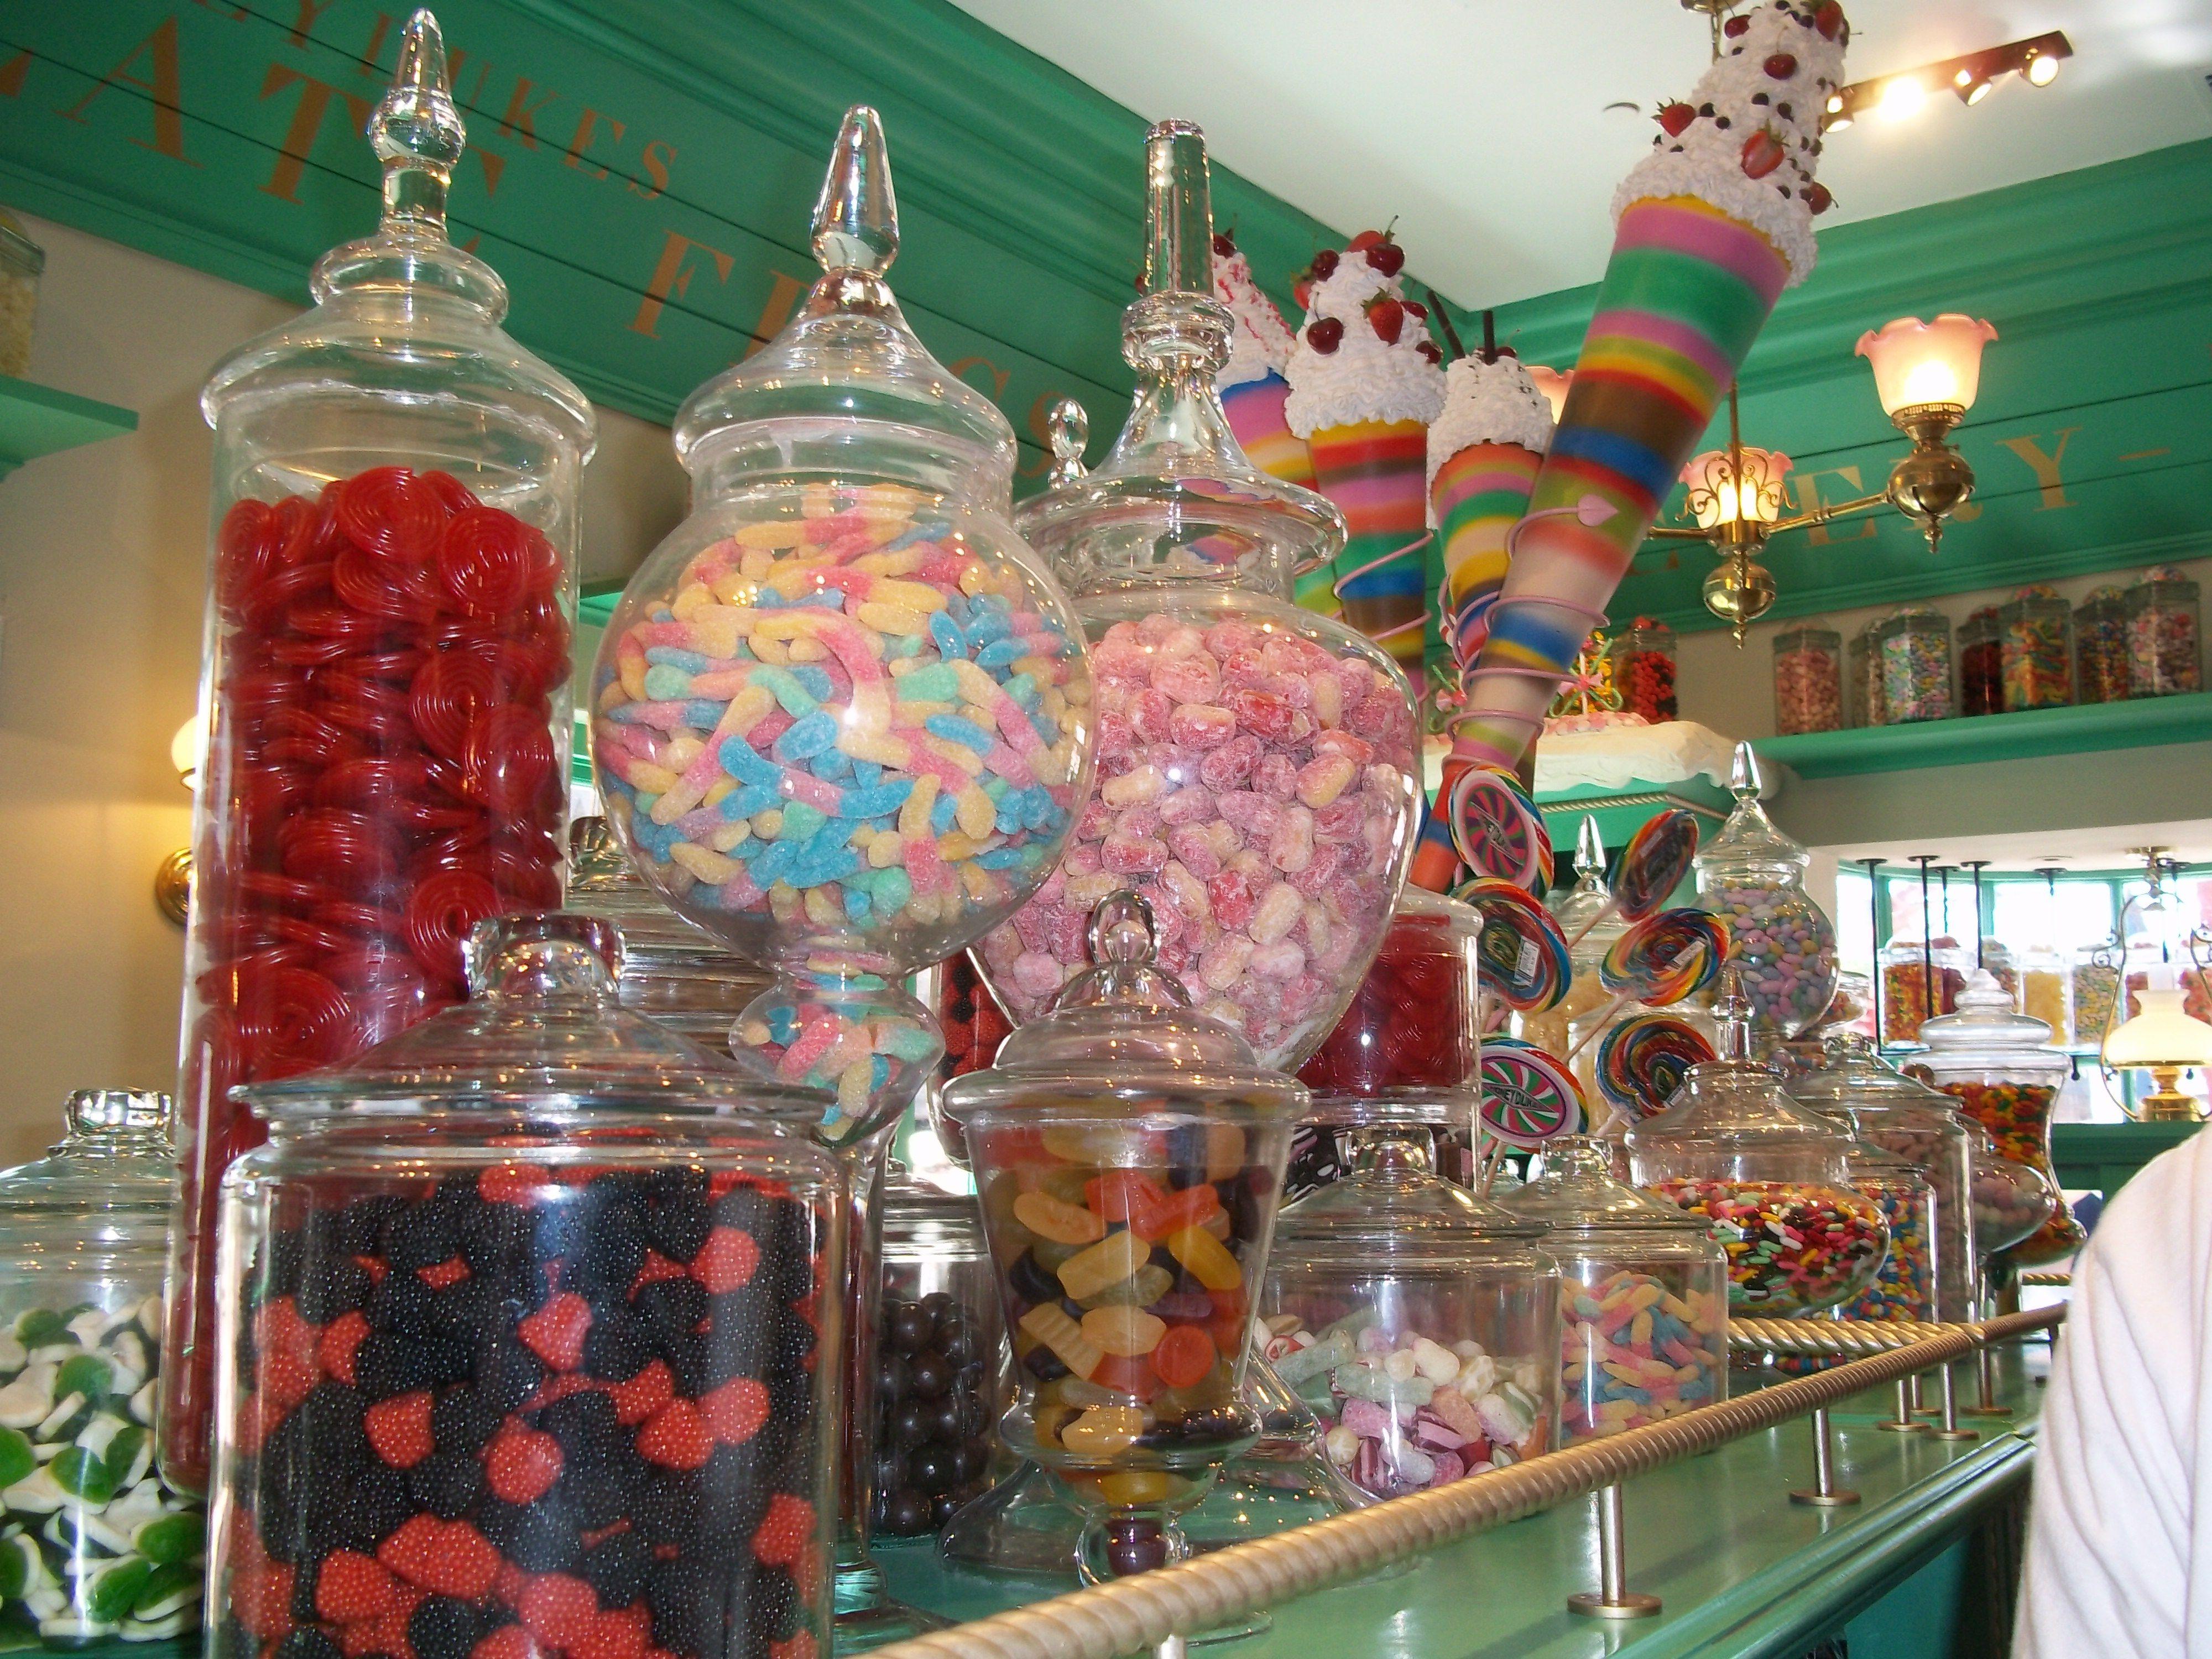 Obrovské a plné skleněné dozy s barevnými cukrátky v Medovém ráji. Fotografie ze studií v Orlandu.